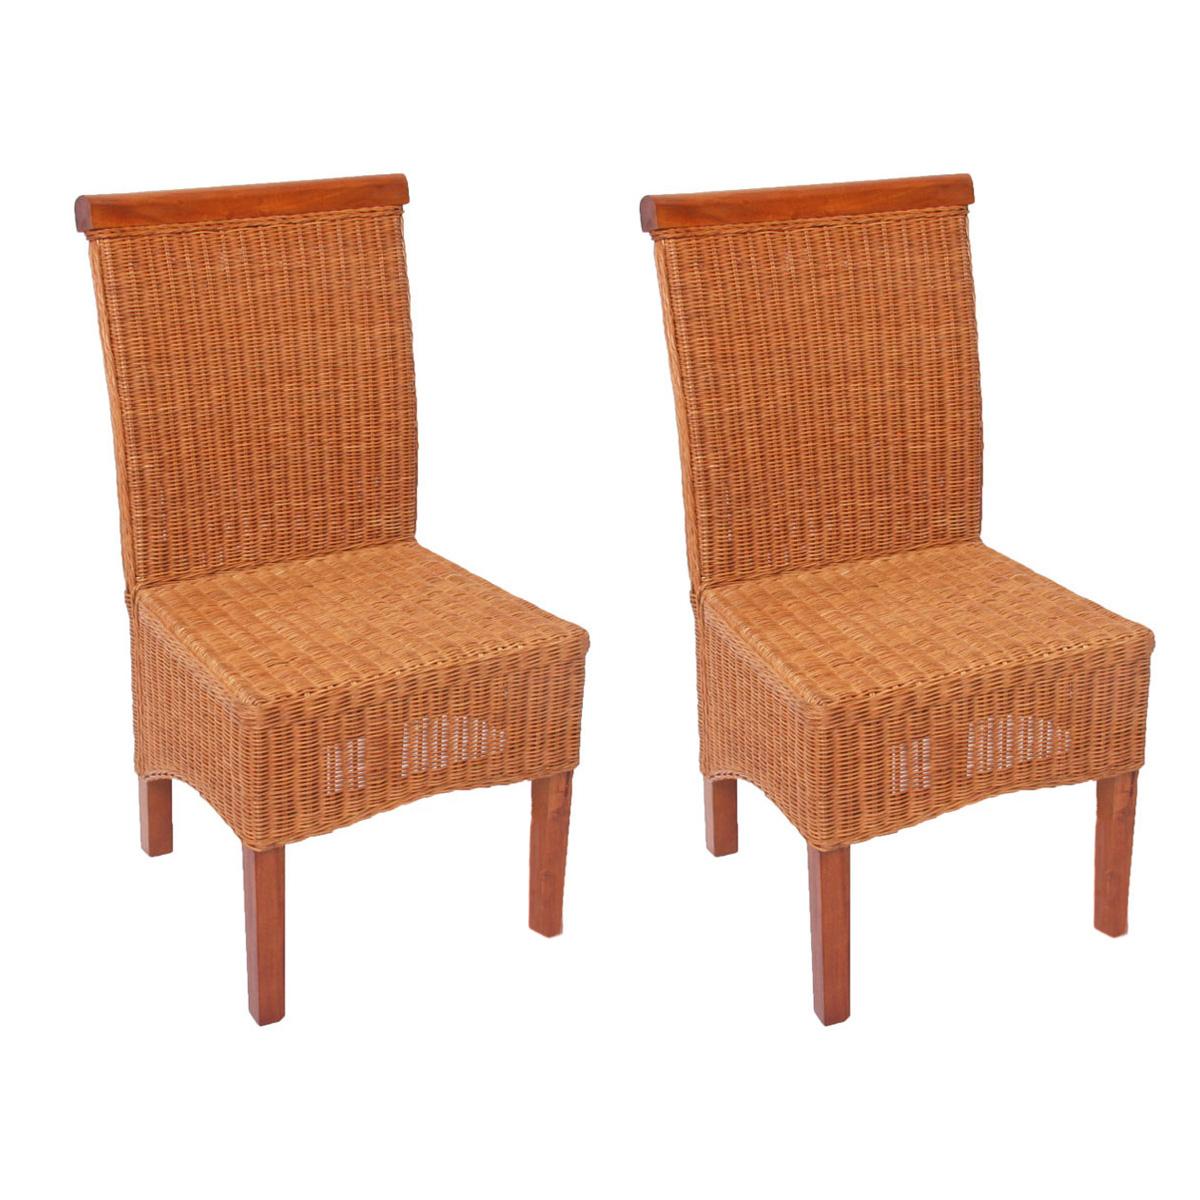 2x esszimmerstuhl korbstuhl m42 rattan mit ohne kissen ebay. Black Bedroom Furniture Sets. Home Design Ideas